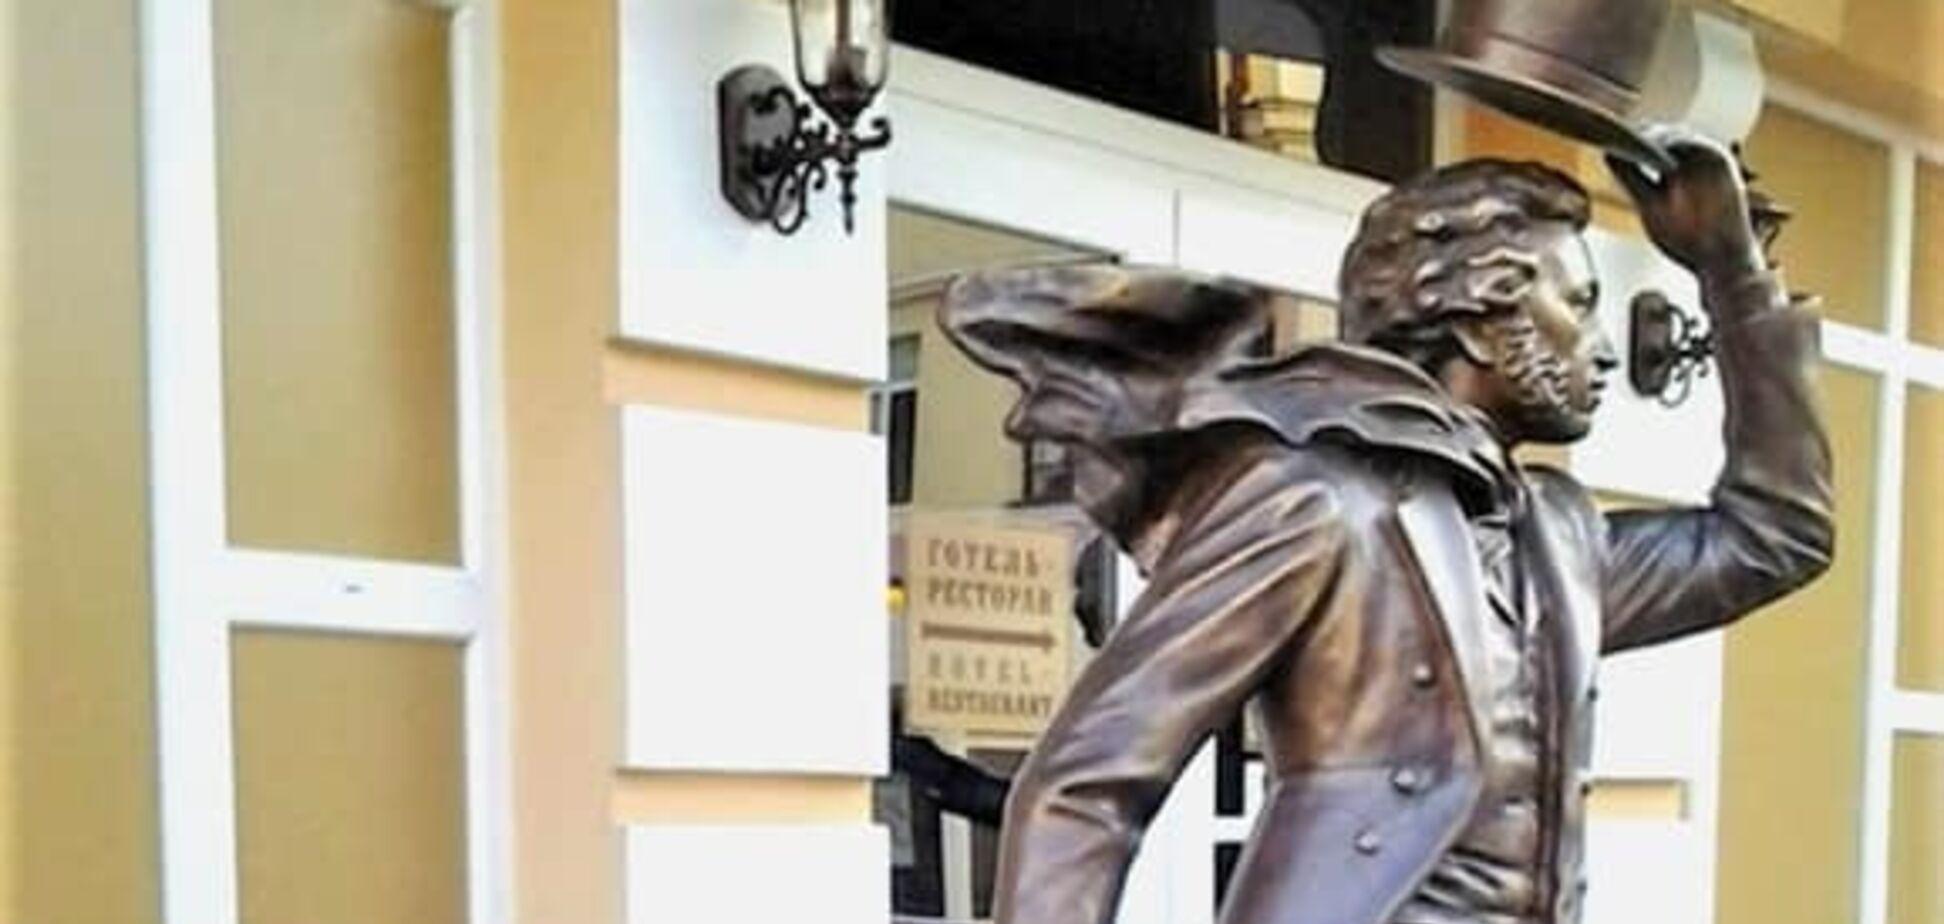 'Слава Україні!' У Полтаві принизили росіян пам'ятником Пушкіну і Гоголю